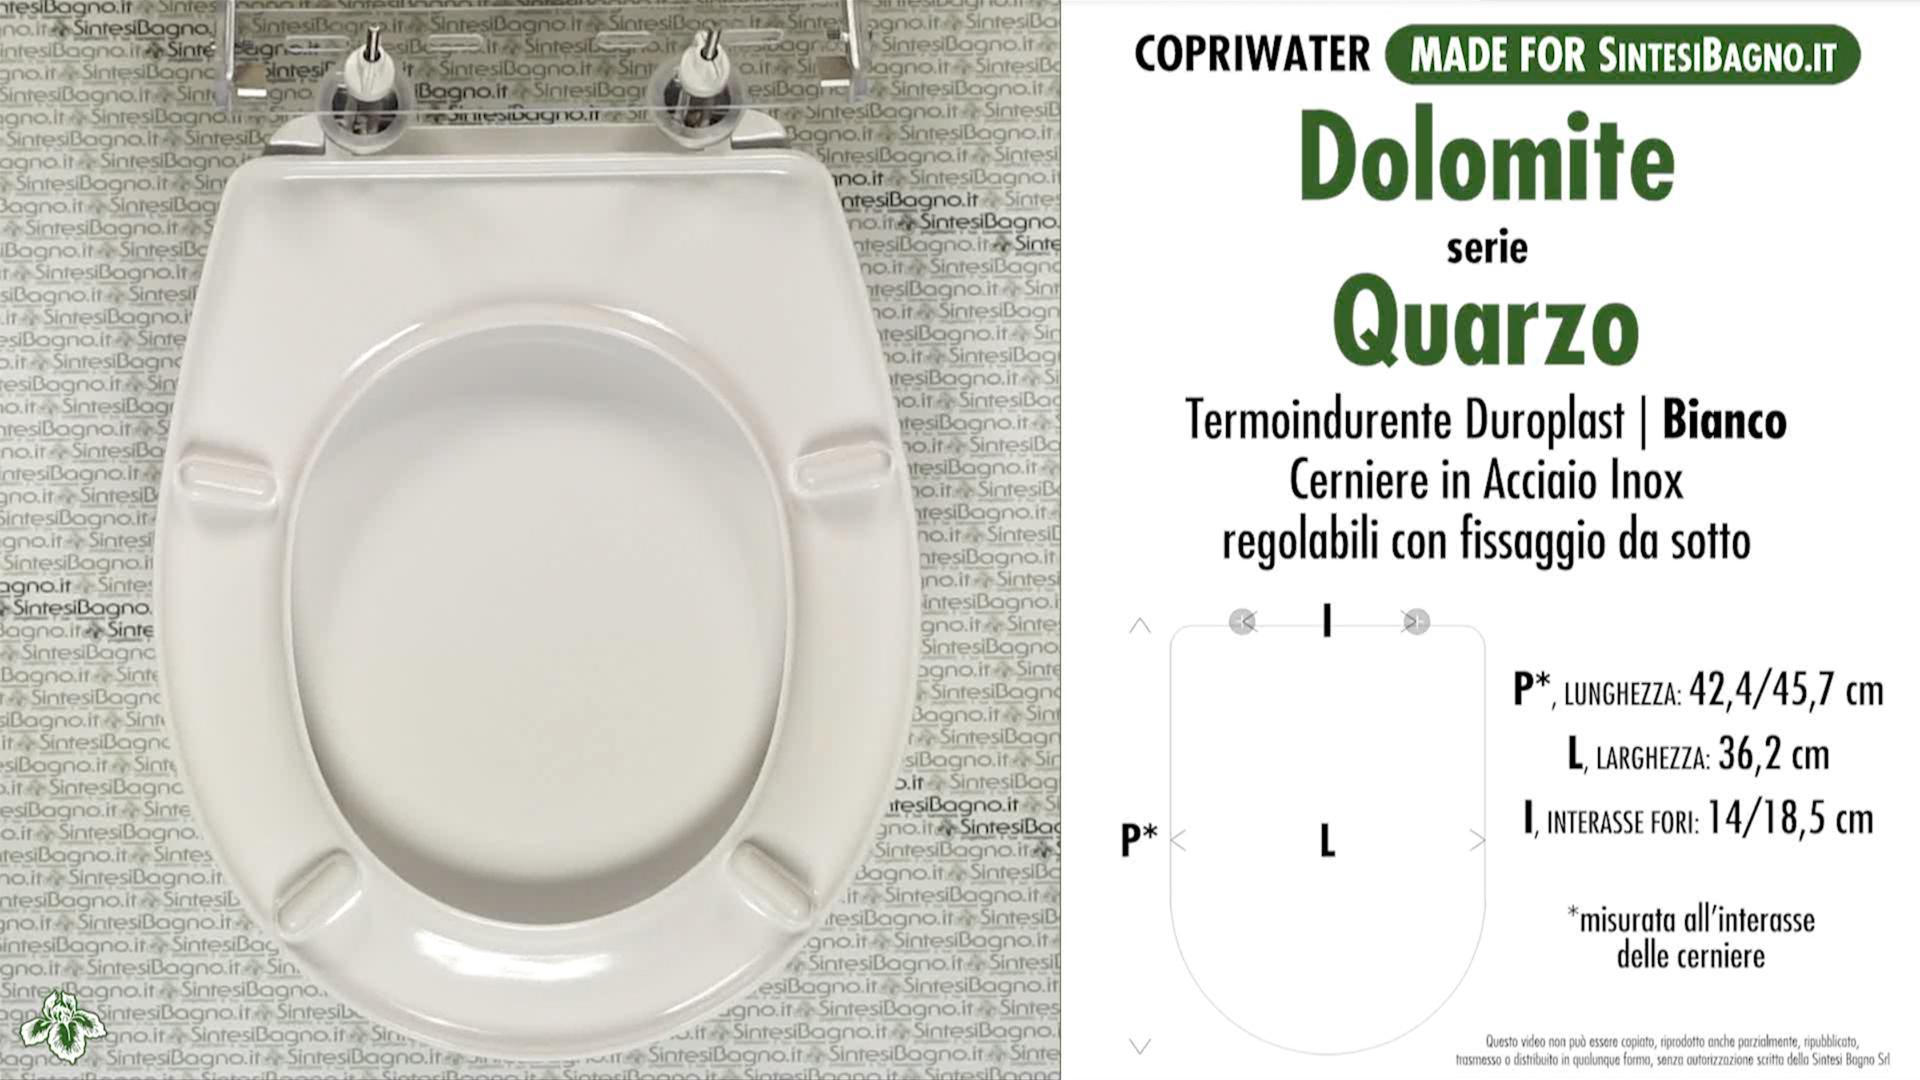 SCHEDA TECNICA MISURE copriwater DOLOMITE QUARZO